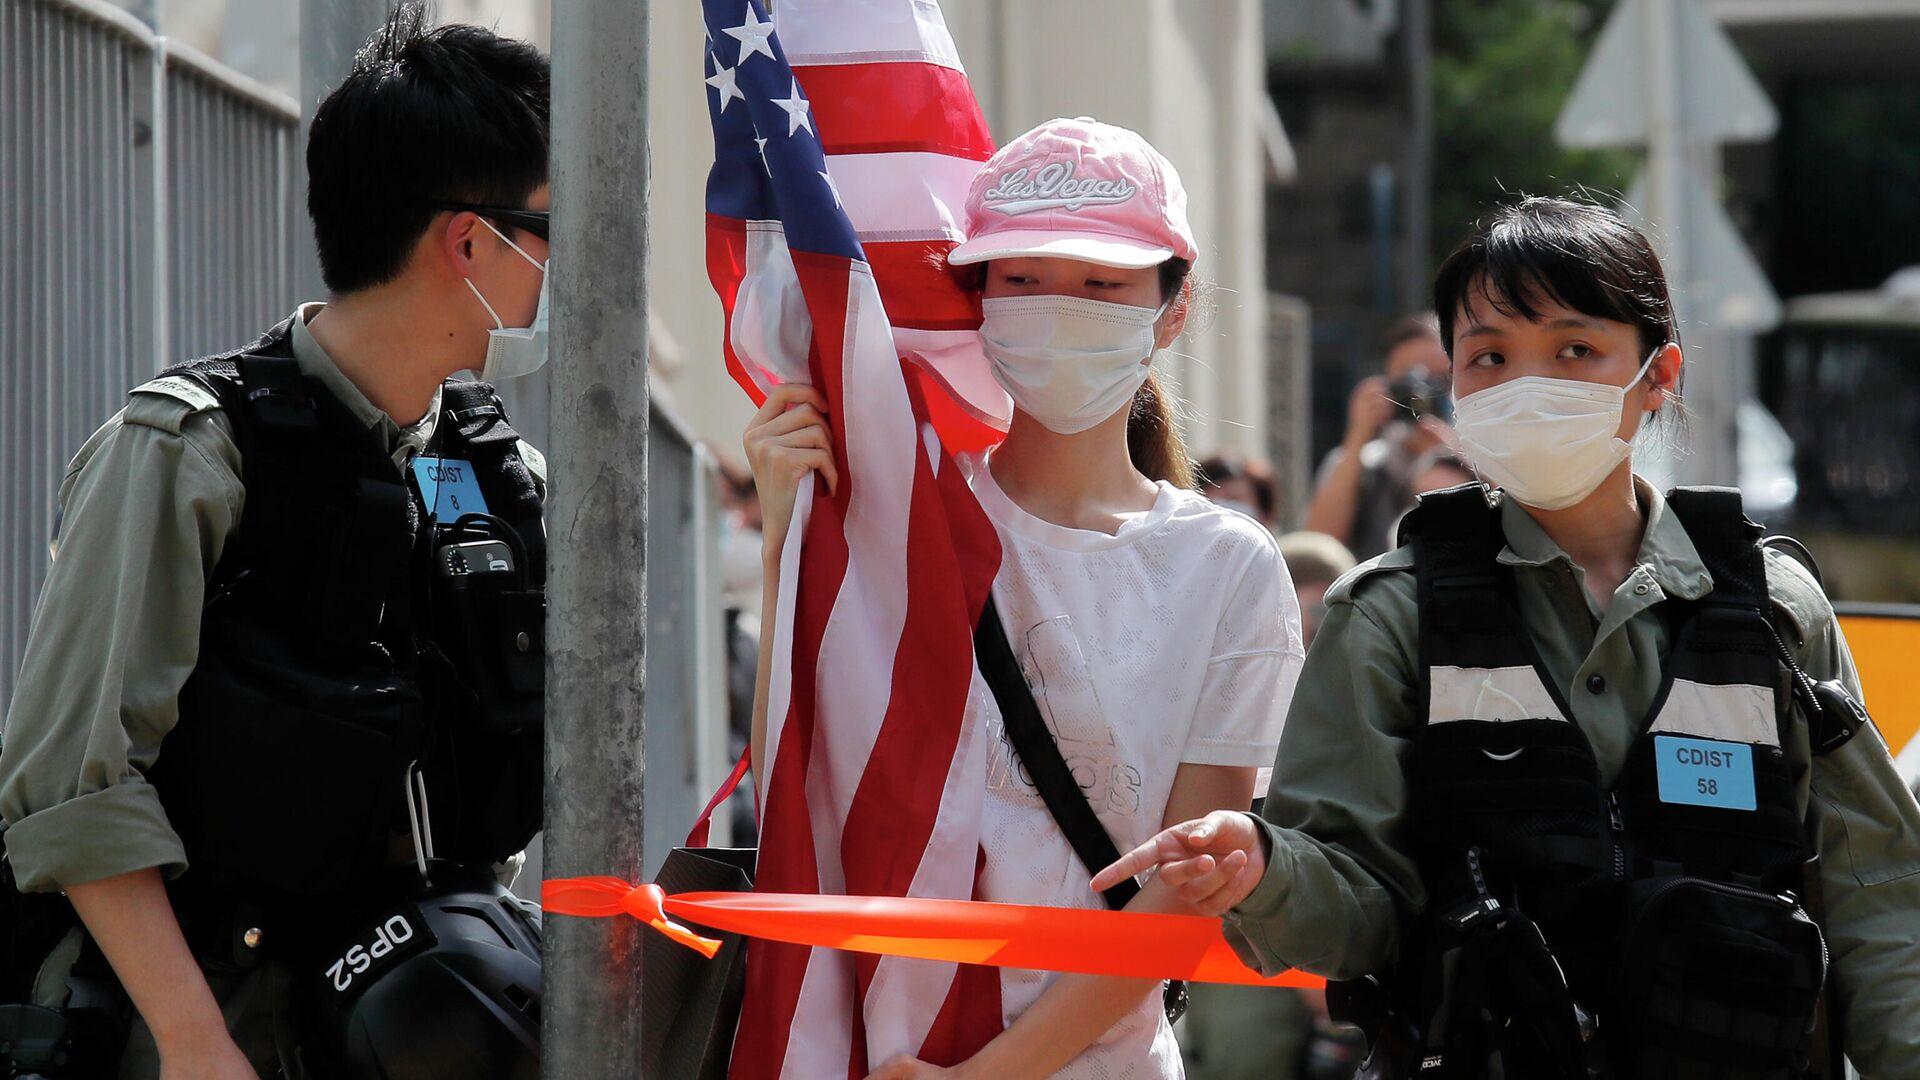 Протесты около посольства США в Гонконге  - РИА Новости, 1920, 11.09.2020